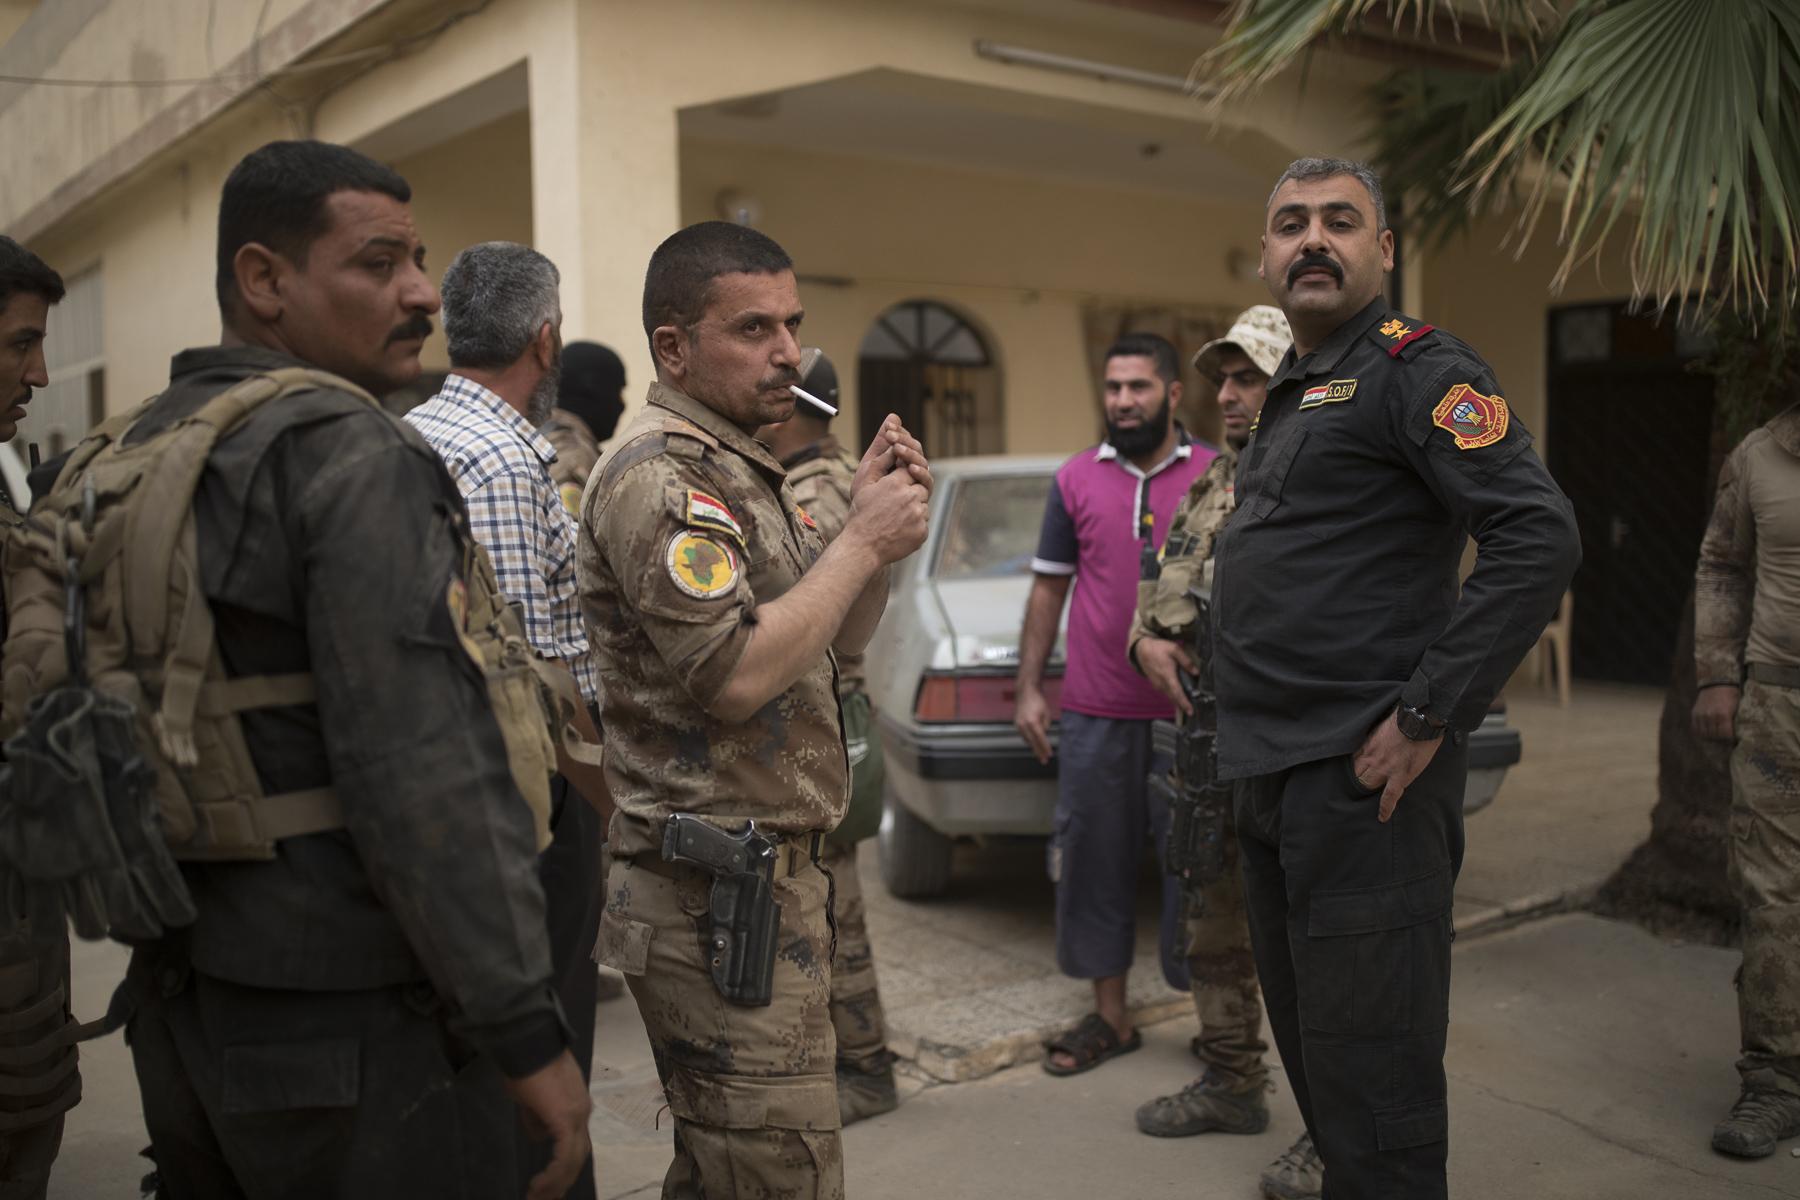 Prise de la ville de Gagjali par la Golden Division, nous suivons le First Bataillon du Colonel Mohanet. Des jihadites retranchés dans une maison sont tués par les hommes des forces spécials iraquienne, cadavre de djihadiste. Le Colonel Mohanet est acceuili ainsi que ses hommes en héros par la population qui a vécu sous l'emprise de Daech pendant 3 ans. Bléssés.......